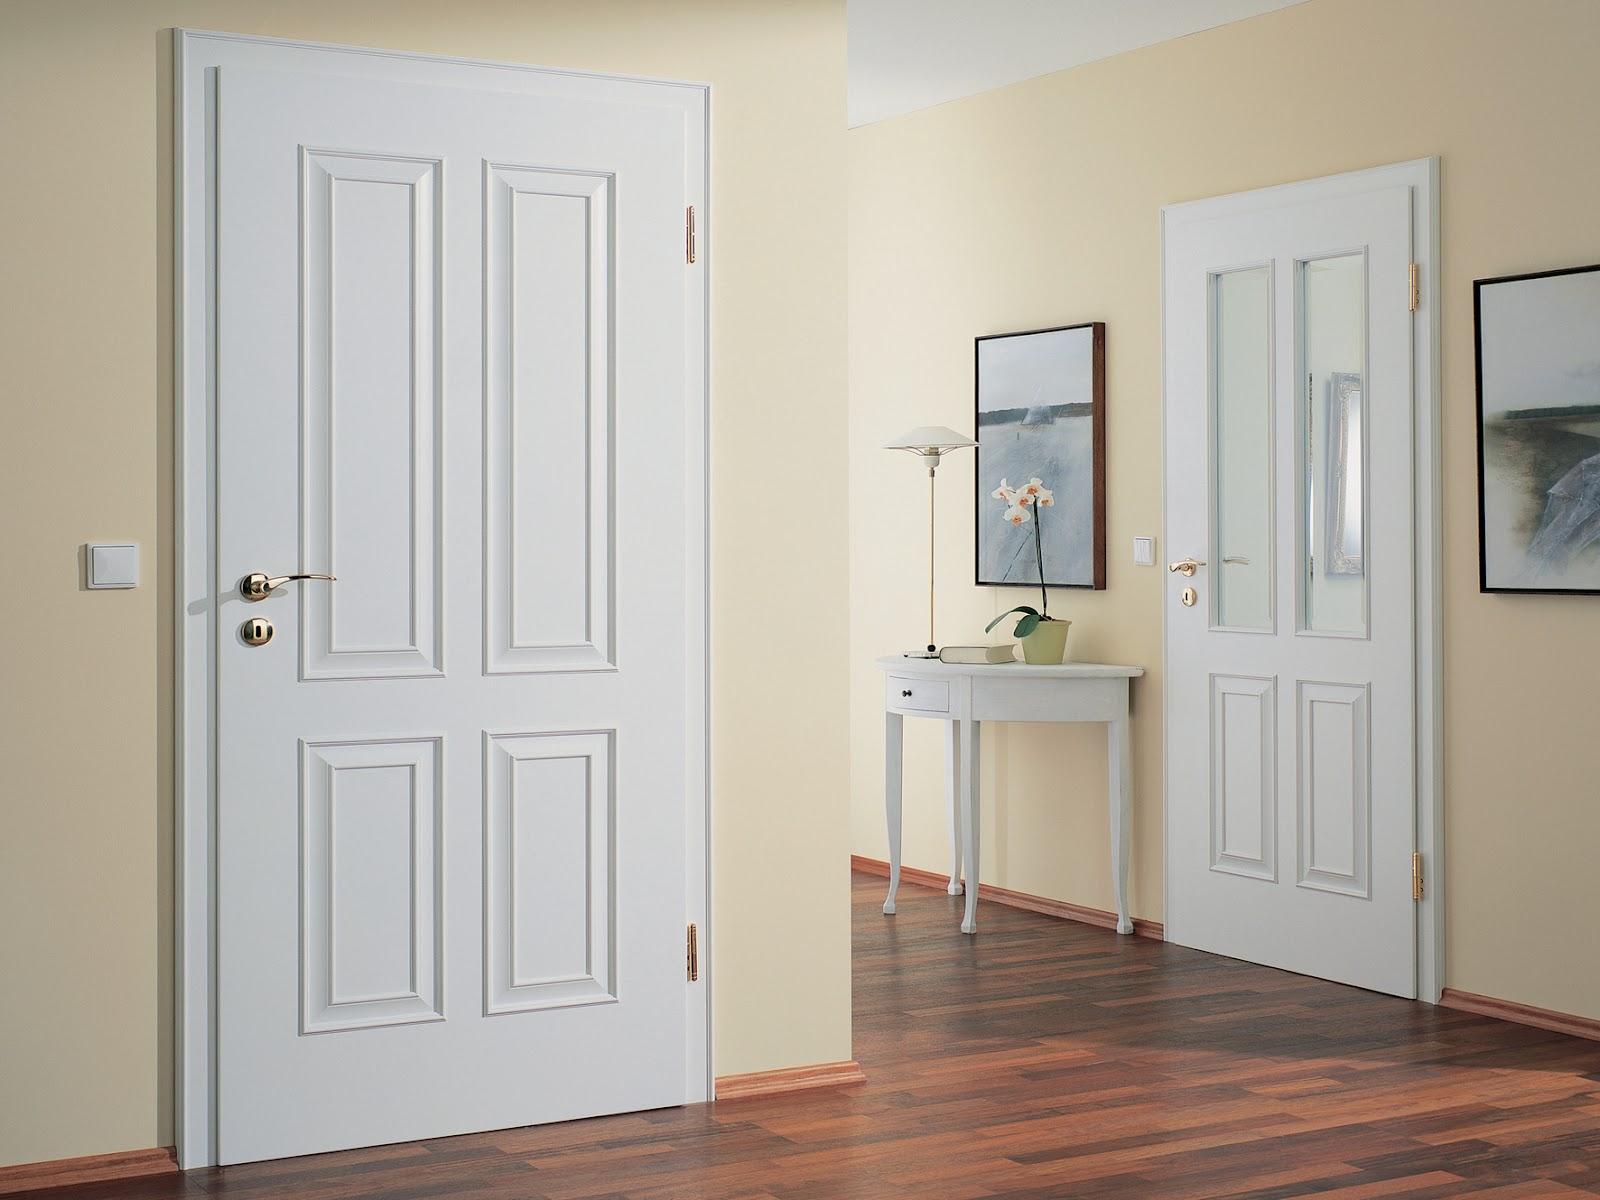 Doors    VIEW GALLERY